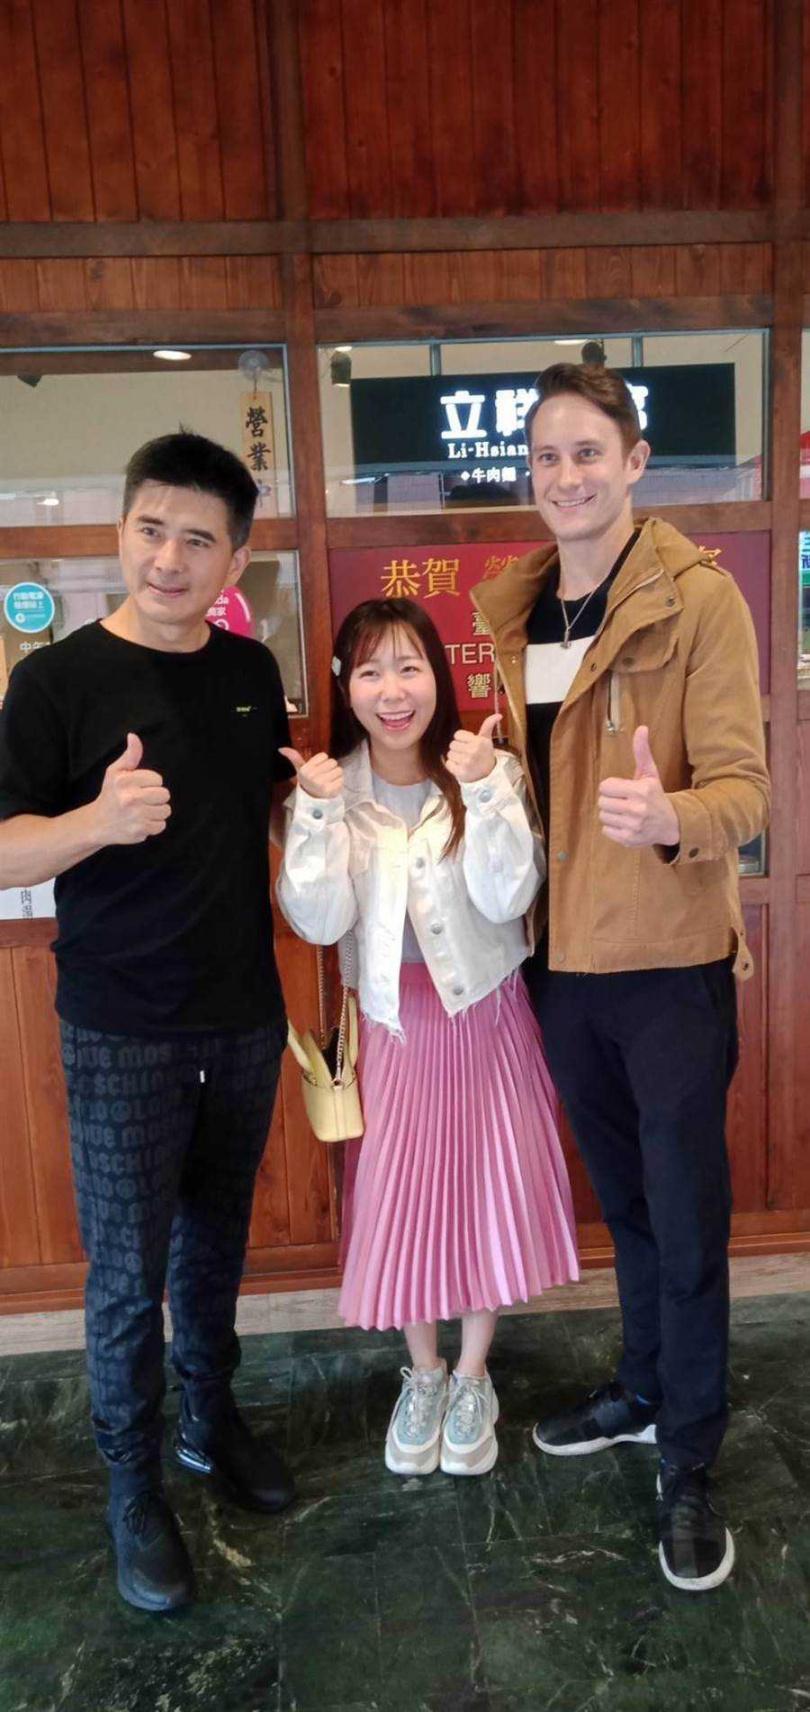 邵昕(左起)、早川小百合與馬丁合影留念。(圖/國興衛視提供)